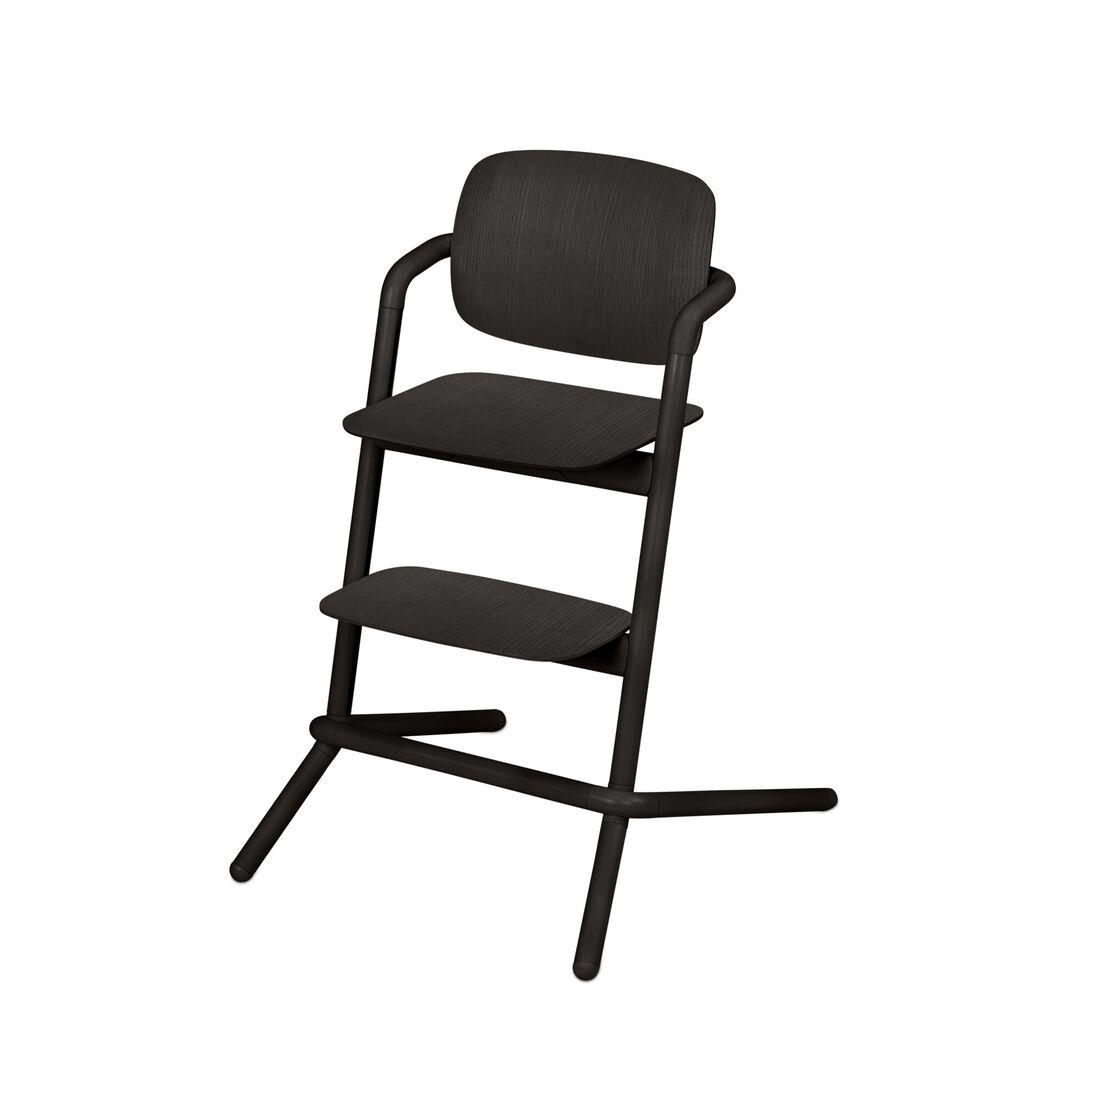 CYBEX Lemo Chair - Infinity Black (Wood) in Infinity Black (Wood) large image number 1